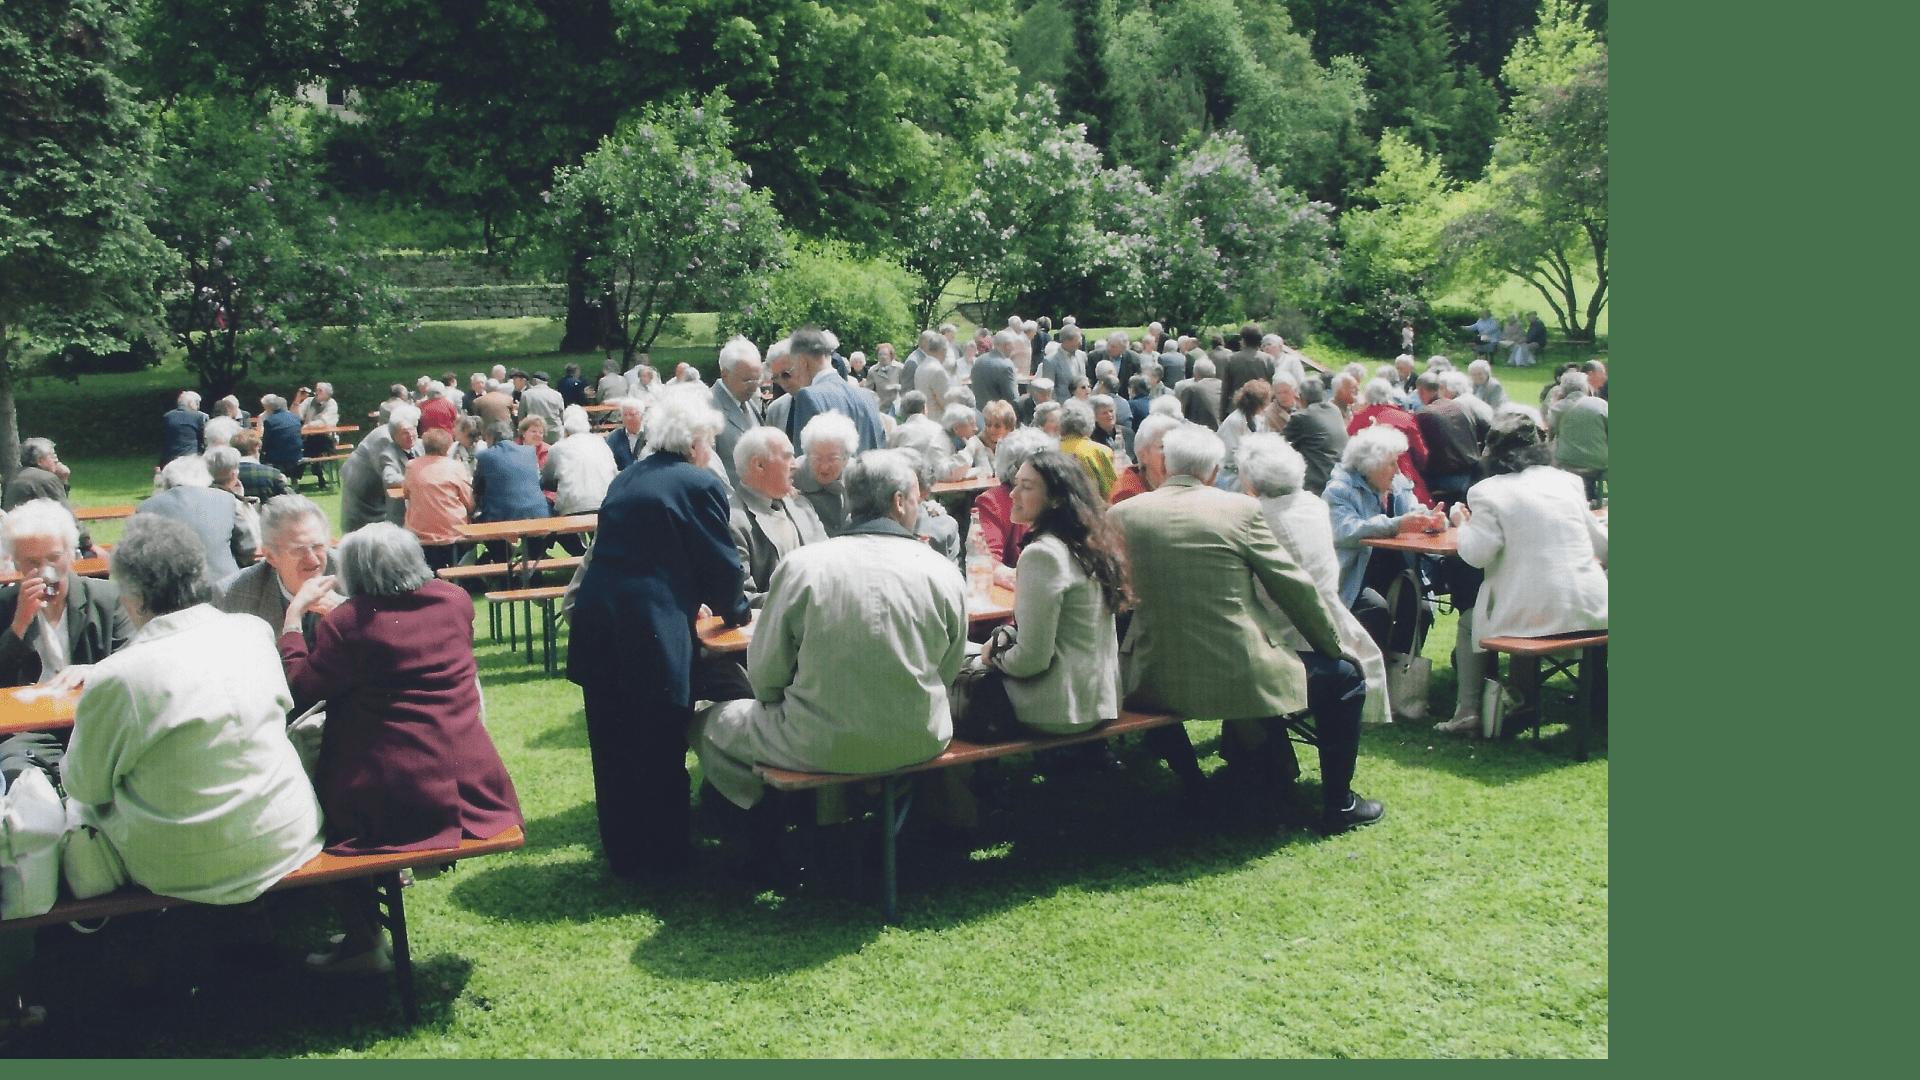 Wallfahrt 2006 - Picknik im Klostergarten. Foto: Archiv Arme Schulschwestern